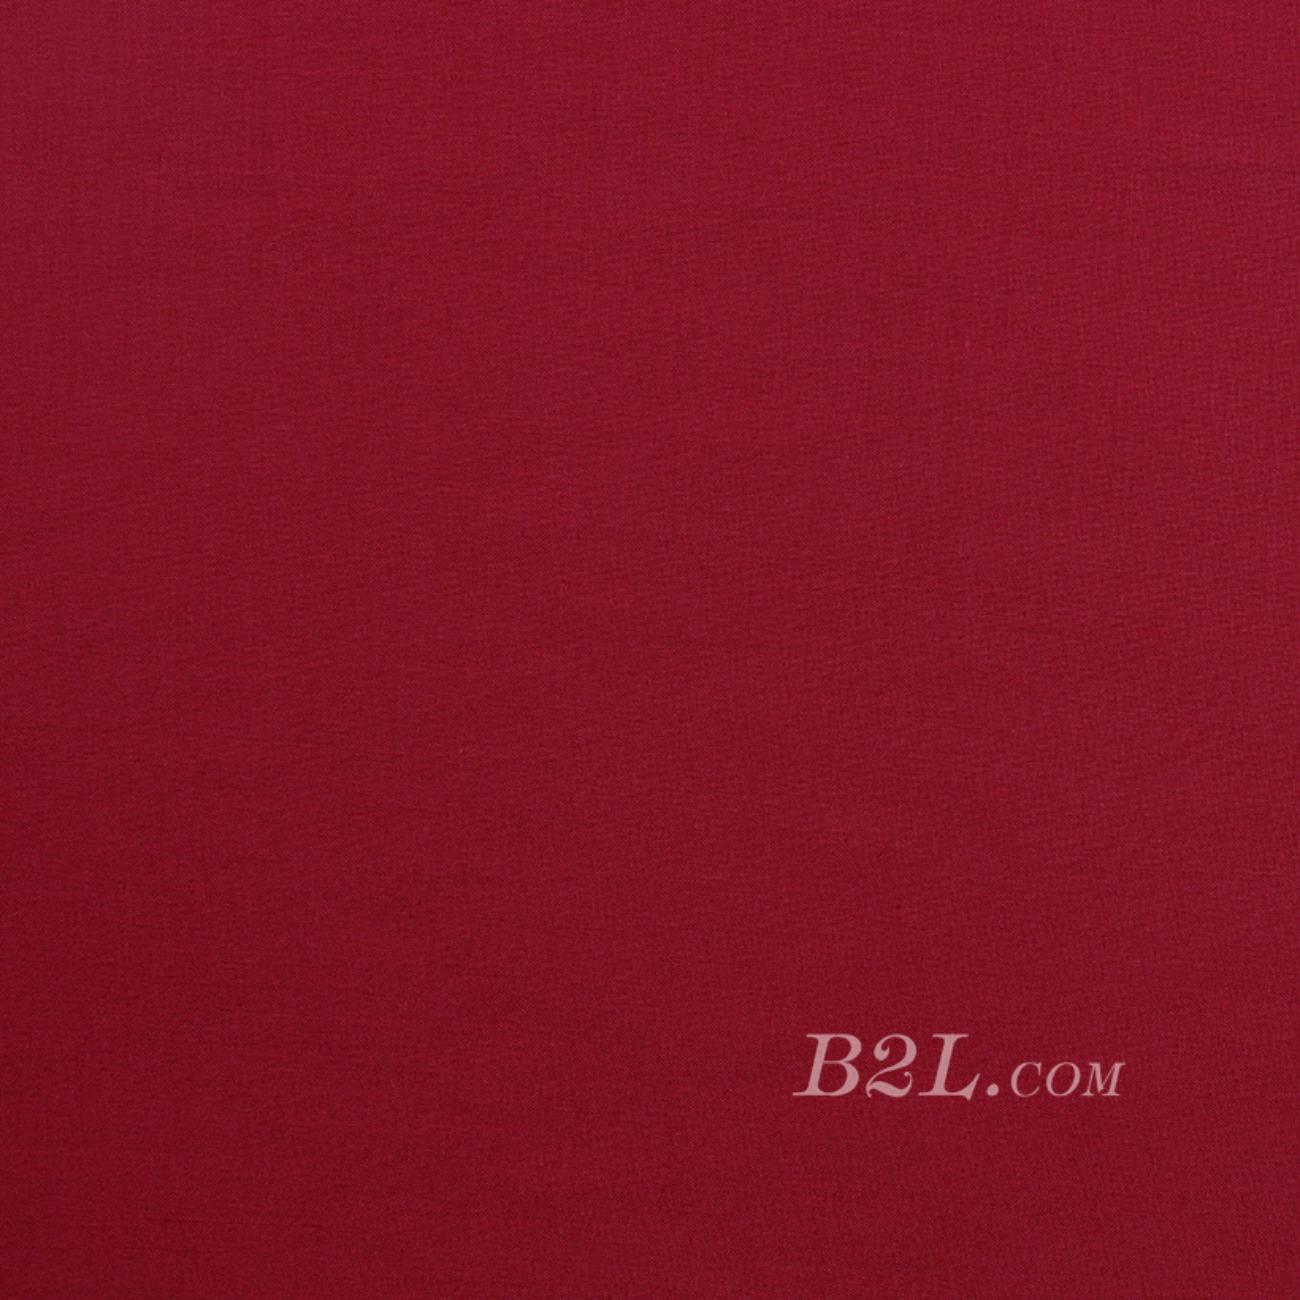 现货 素色喷水梭织染色工装制服衬衫工作服 不起球 TR涤棉 柔软 70911-25